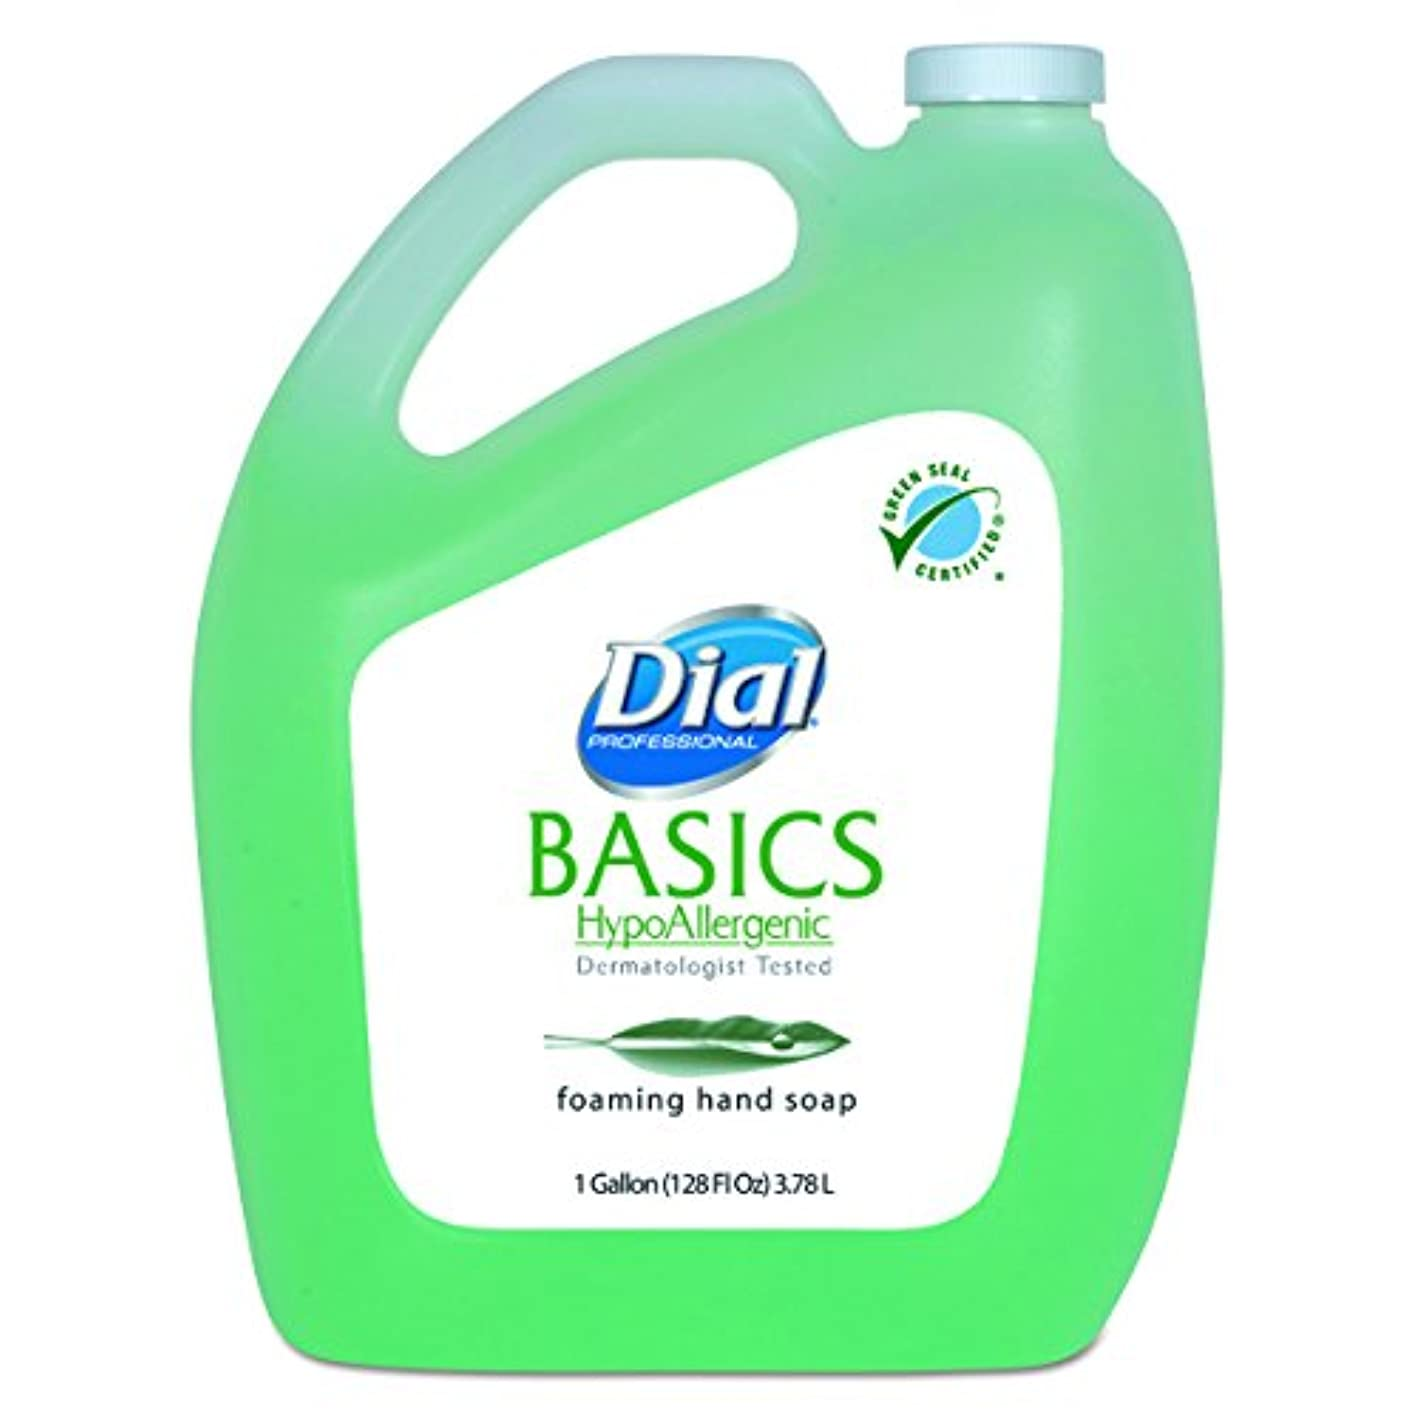 ほんの記憶半導体ダイヤルProfessional Basics Foaming Hand Soap、オリジナル、スイカズラ、1ガロンボトル、4 /カートン